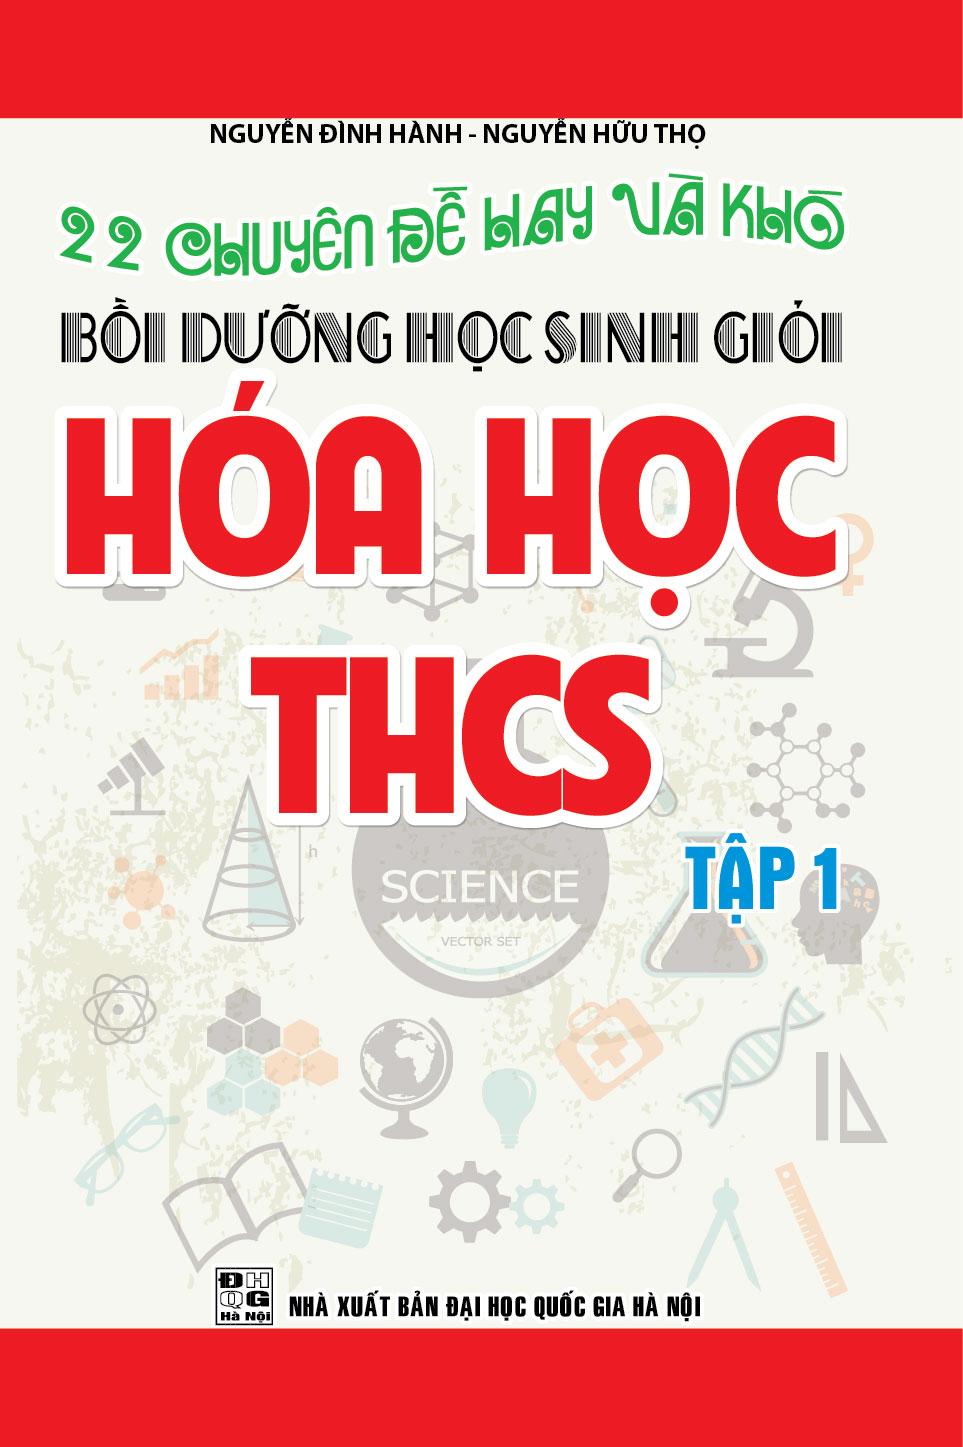 22 Chuyên Đề Hay và Khó Bồi Dưỡng Học Sinh Giỏi Hóa Học THCS Tập 1